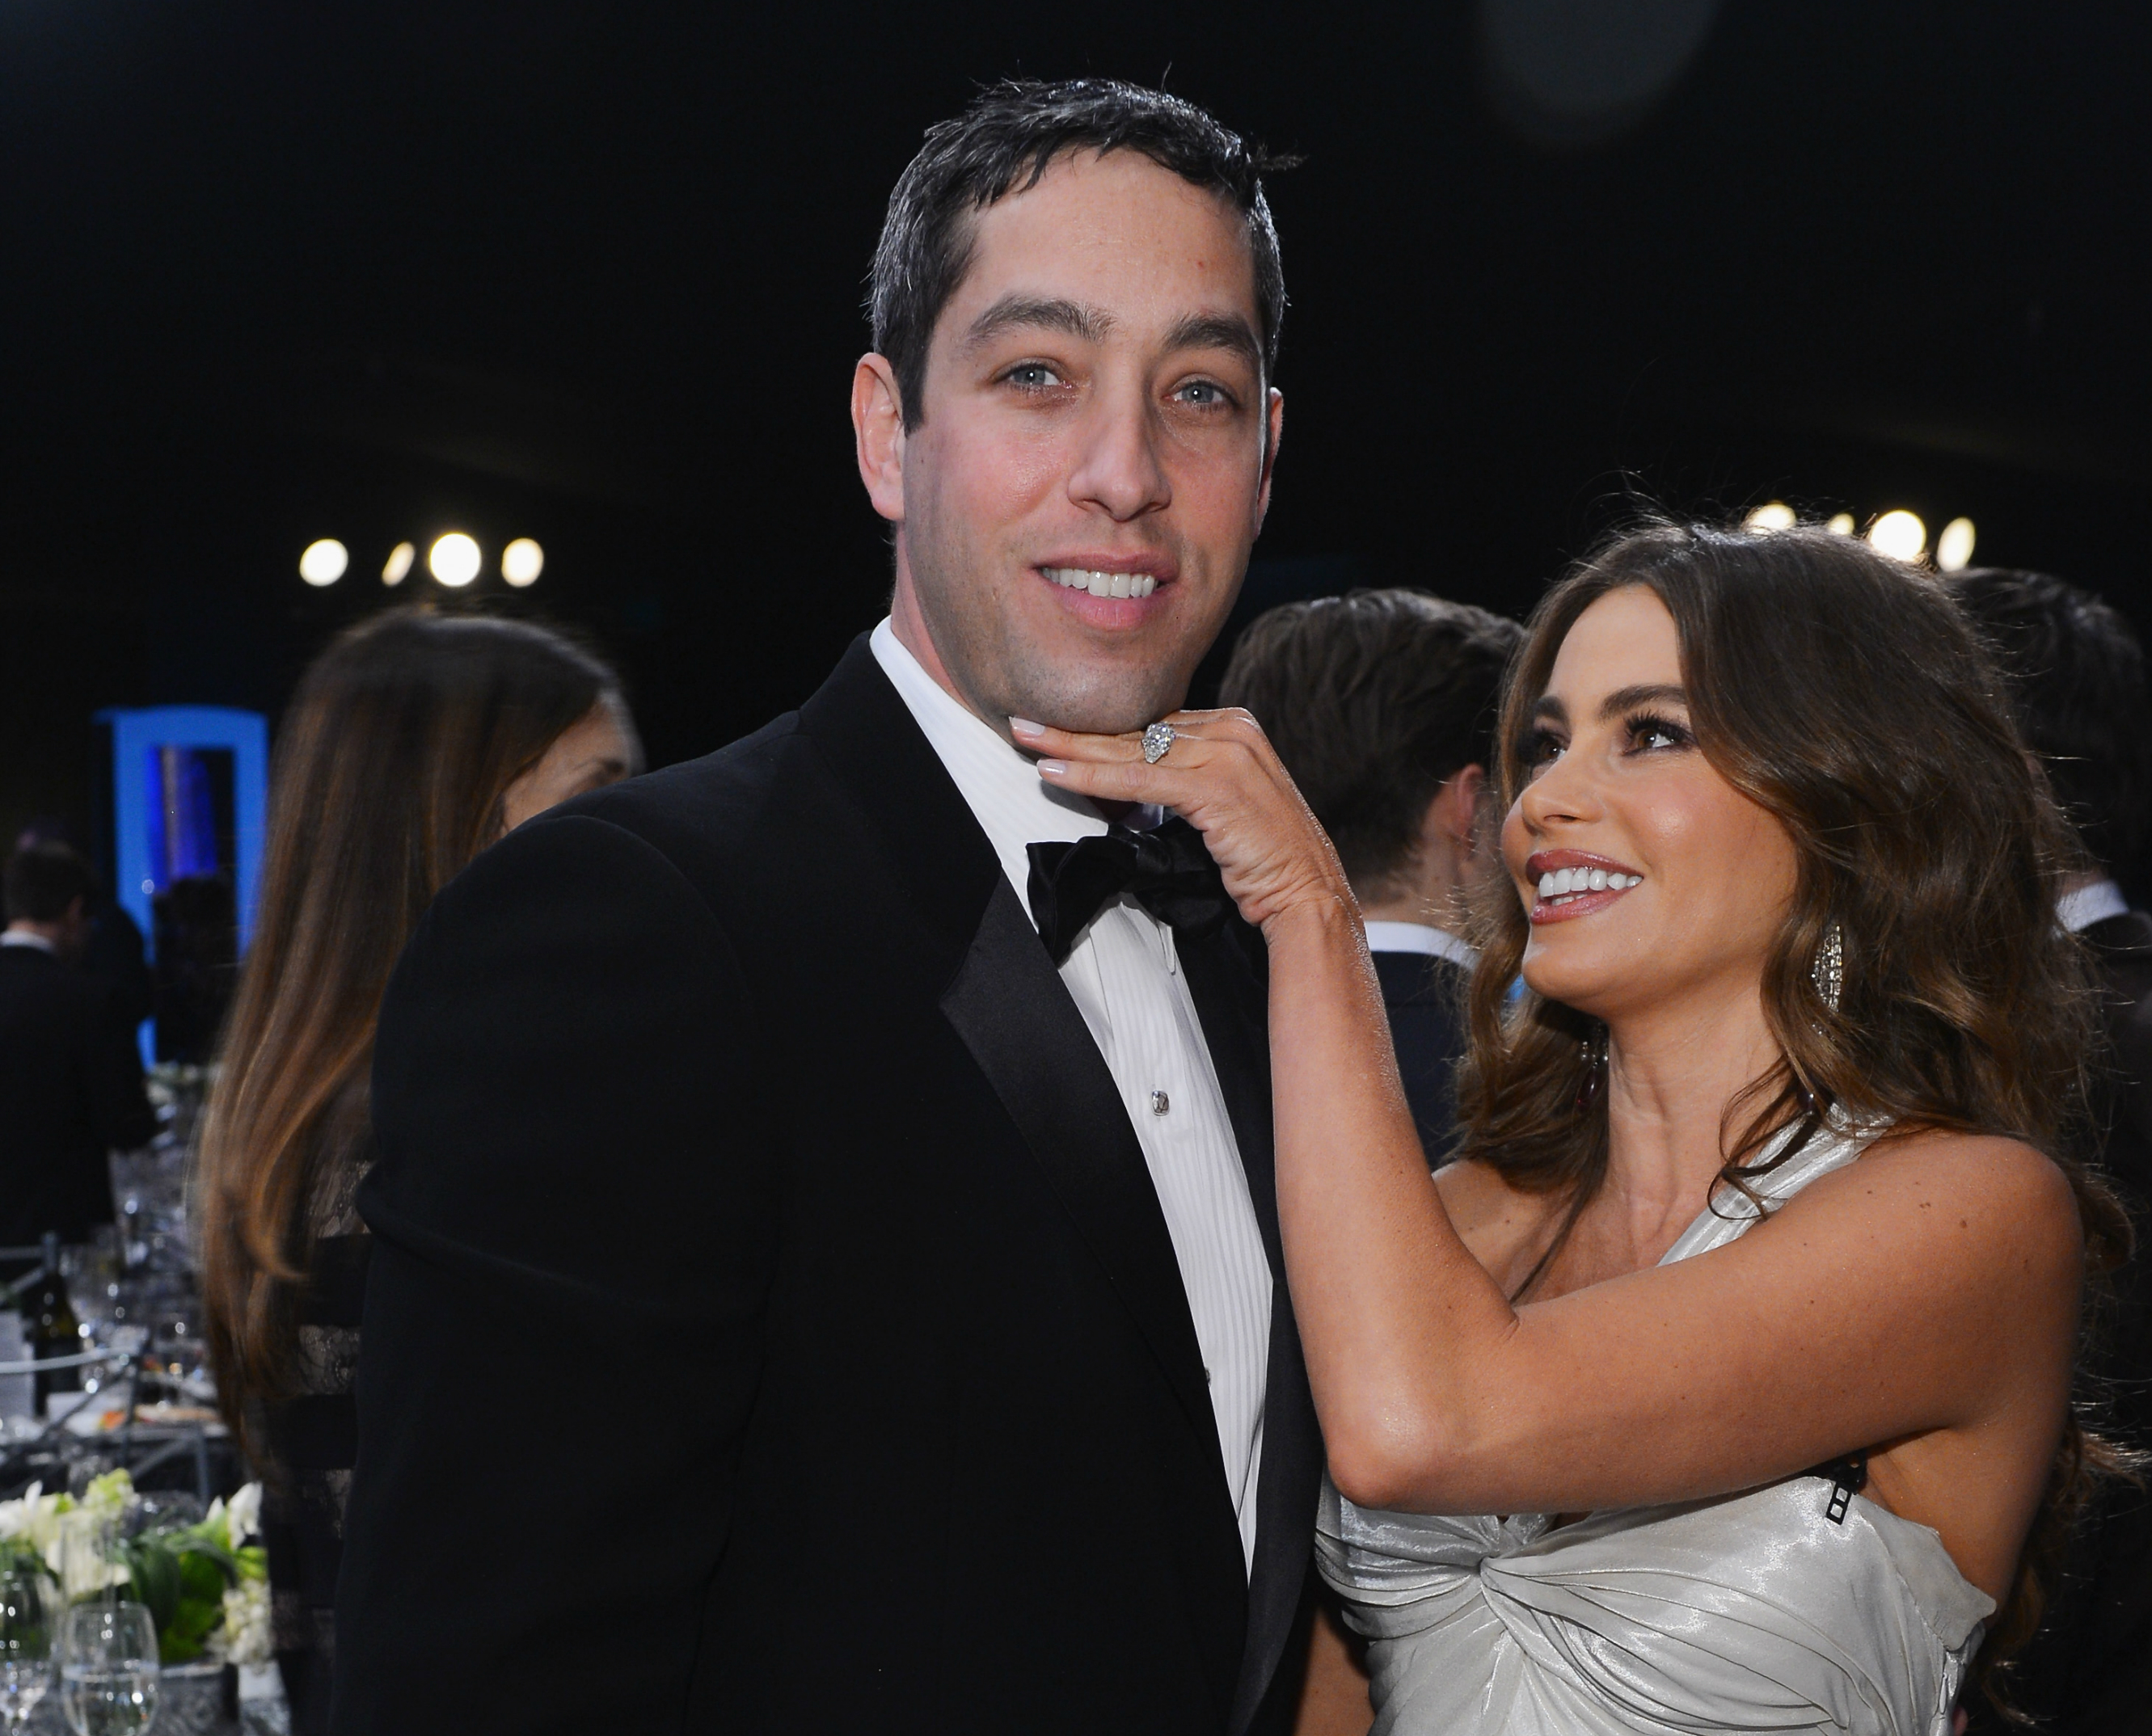 Nick y Sofía terminaron su relación después de dos años y un compromiso de matrimonio.